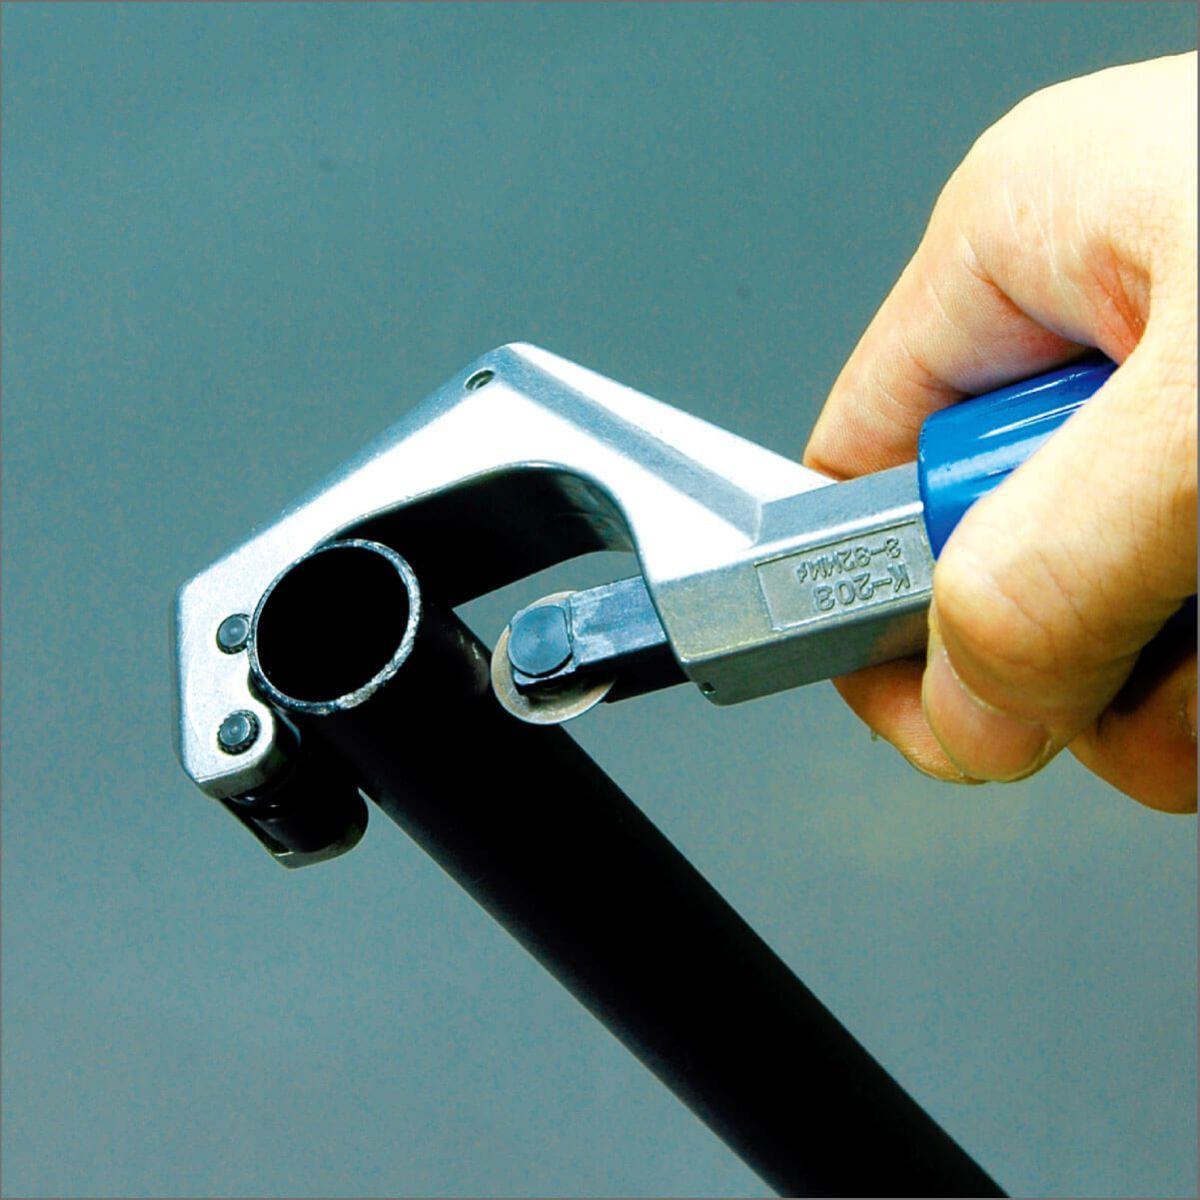 hozan buissnijder k203 hss 332mm blauw